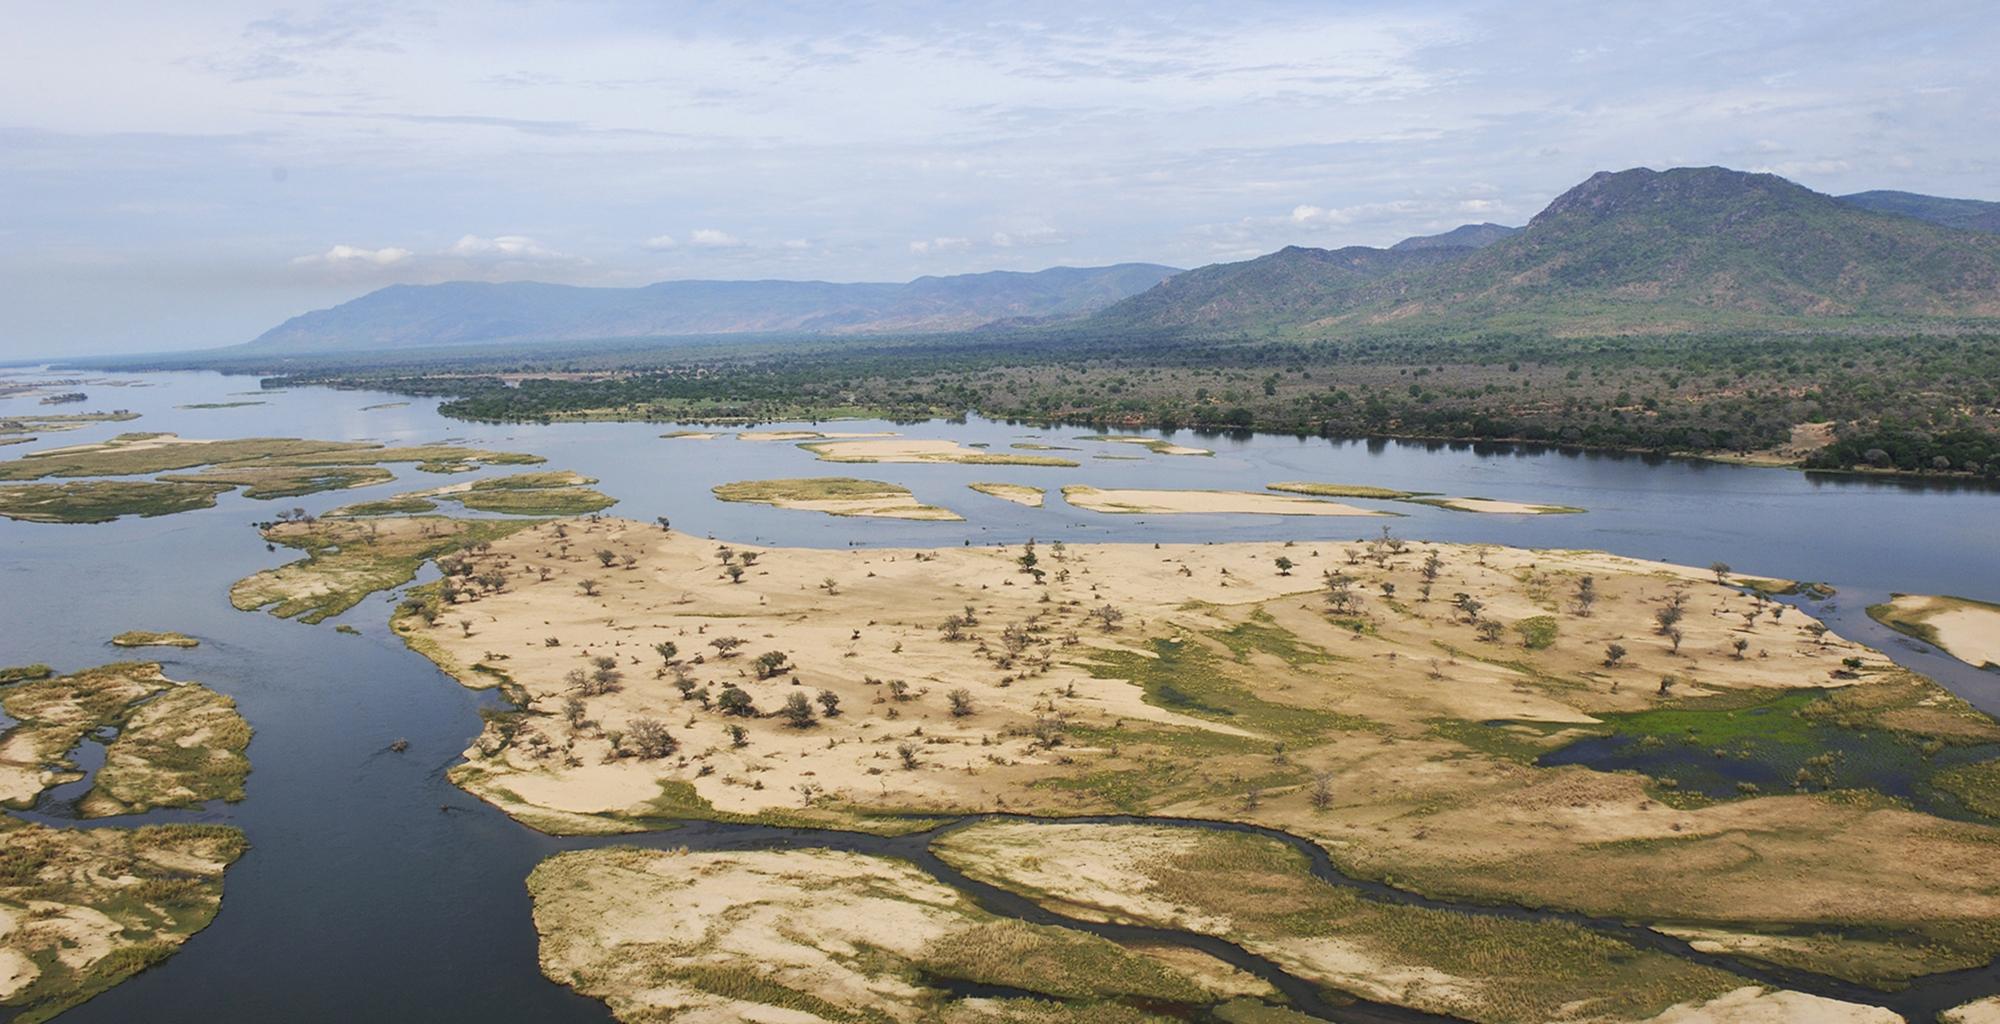 Zambia-Landscape-Aerial